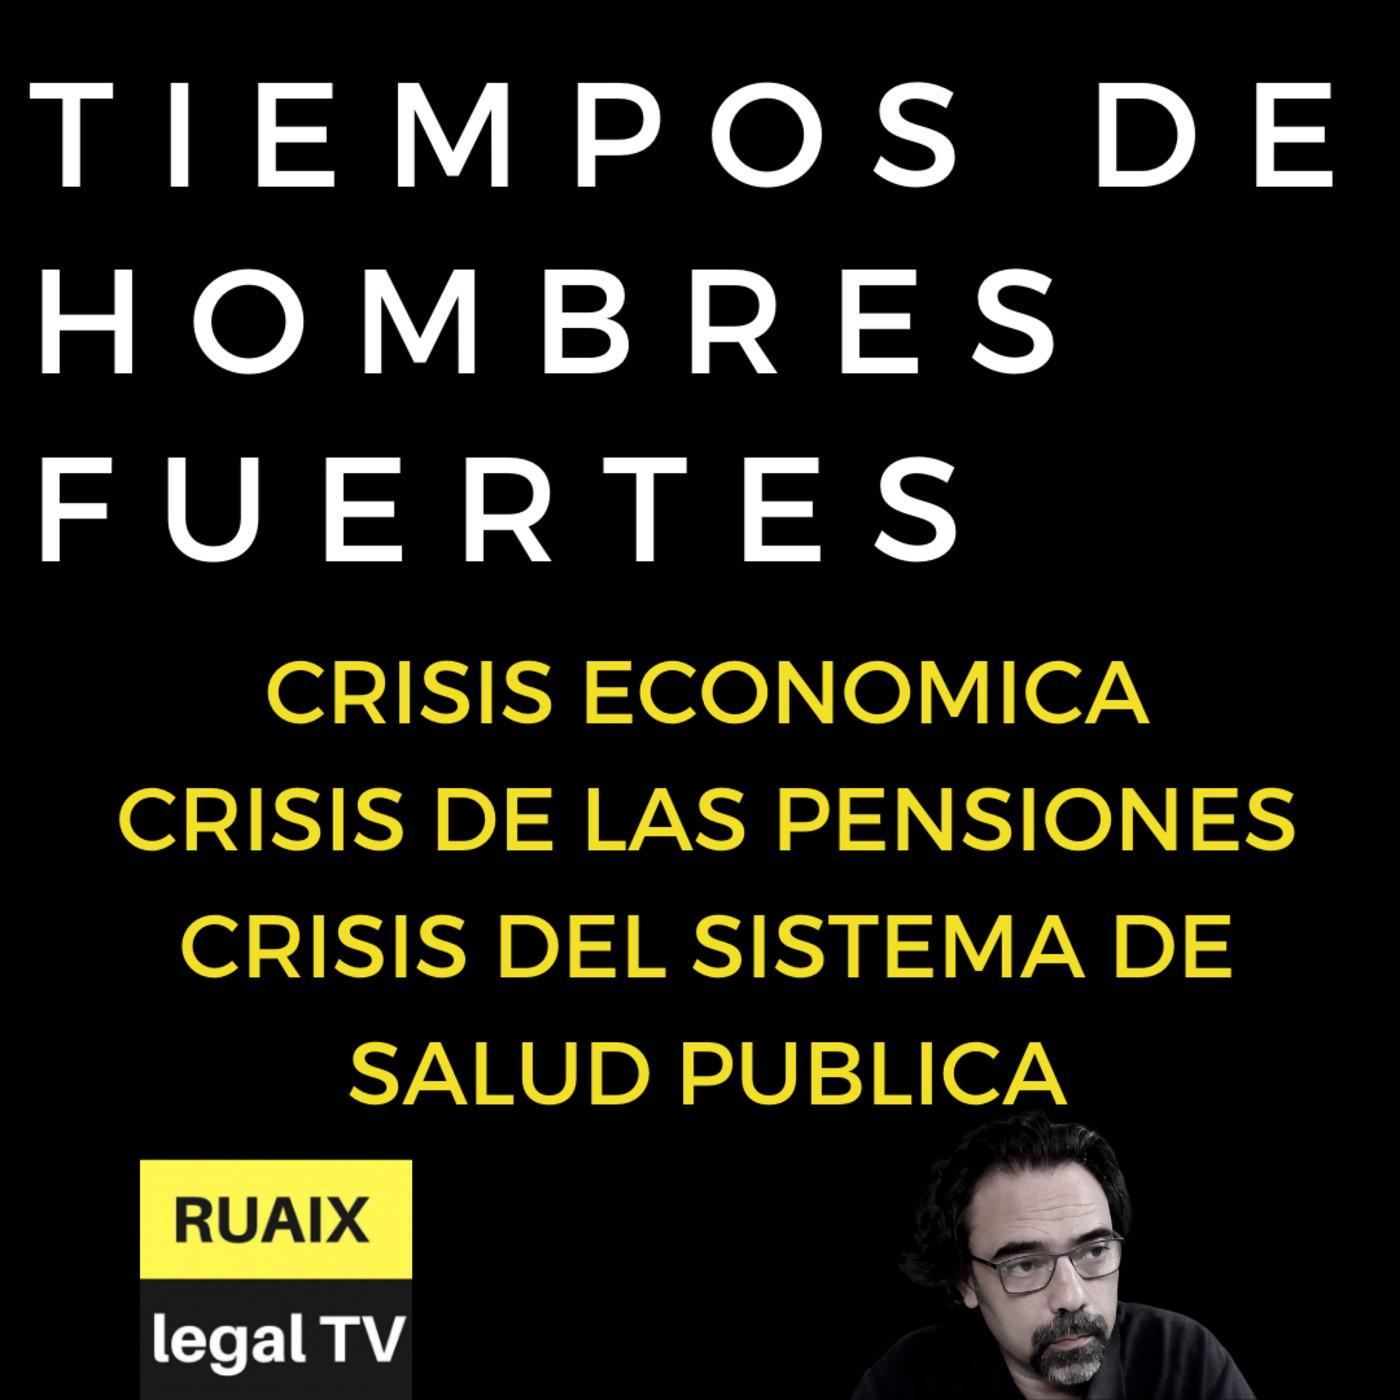 Estado de Bienestar | Crisis Economica | Pensiones de Jubilacion | Salud Publica